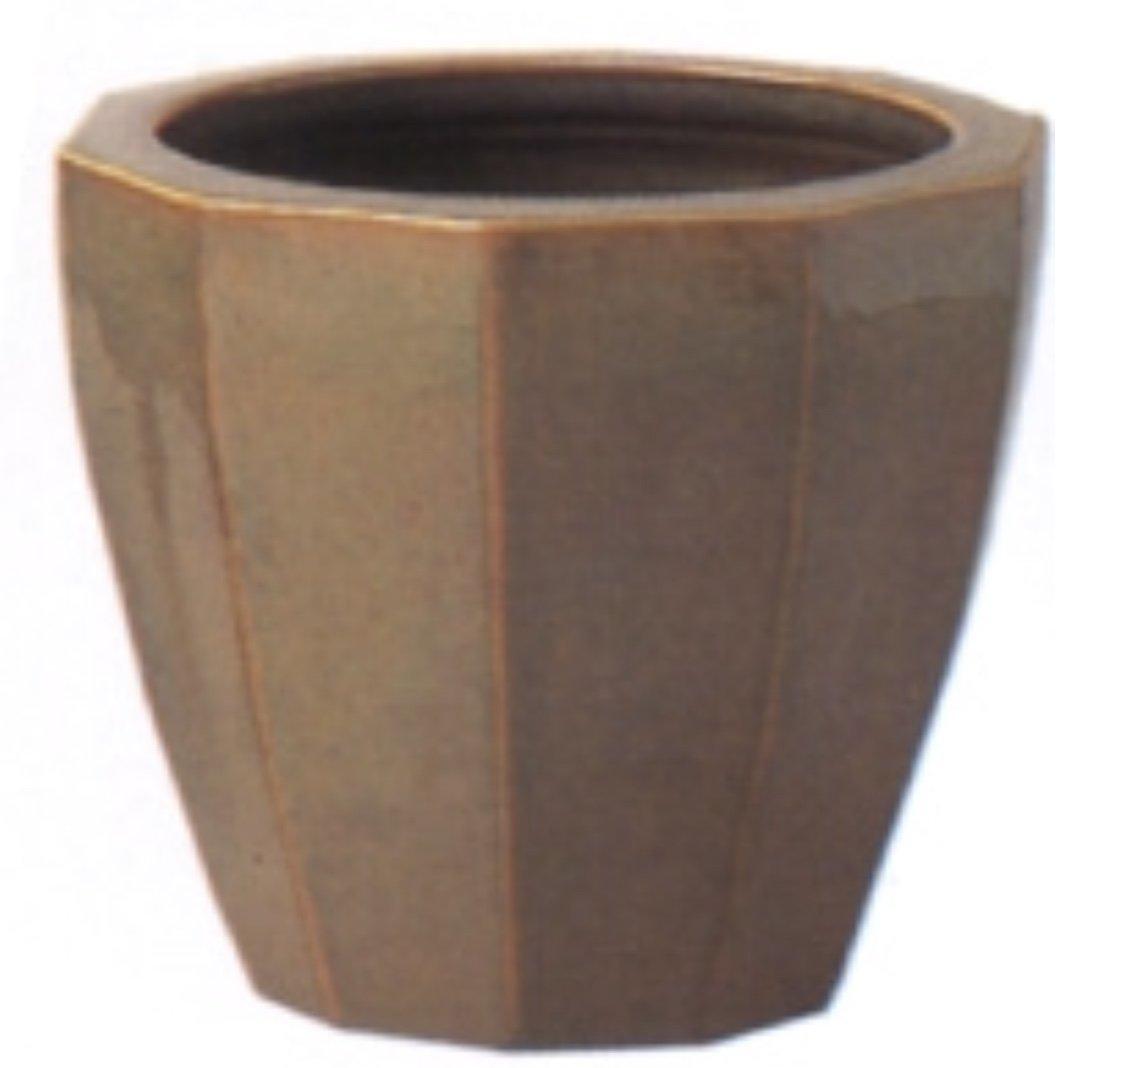 アドミナ 鉢カバー 8号用 36cm カラシ【ネオモダン N-12】 陶器 信楽焼き 穴なし おしゃれ B079W7DF1G 8号|カラシ